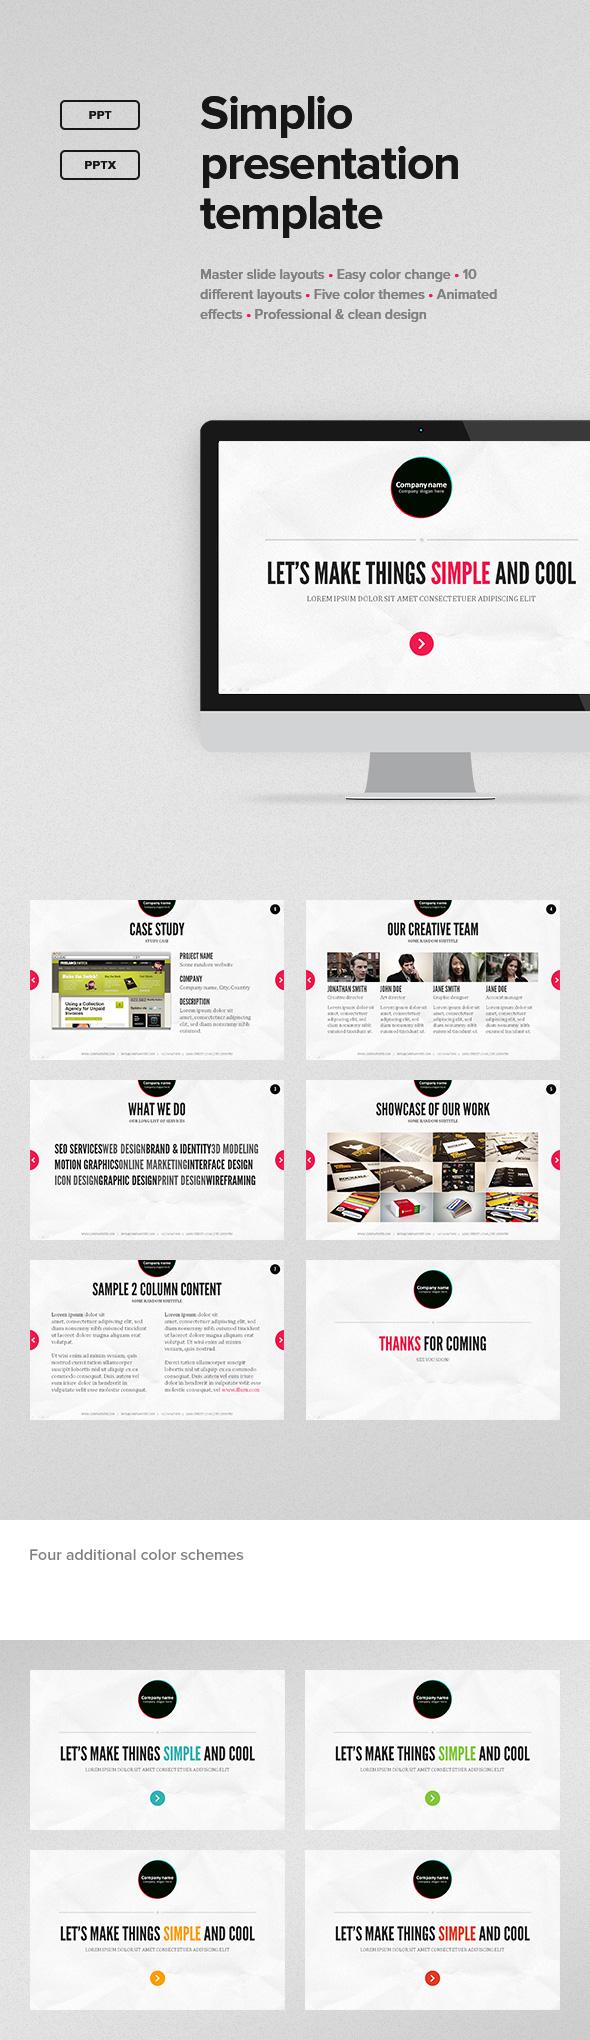 simplio presentation templateerigonn | graphicriver, Presentation templates